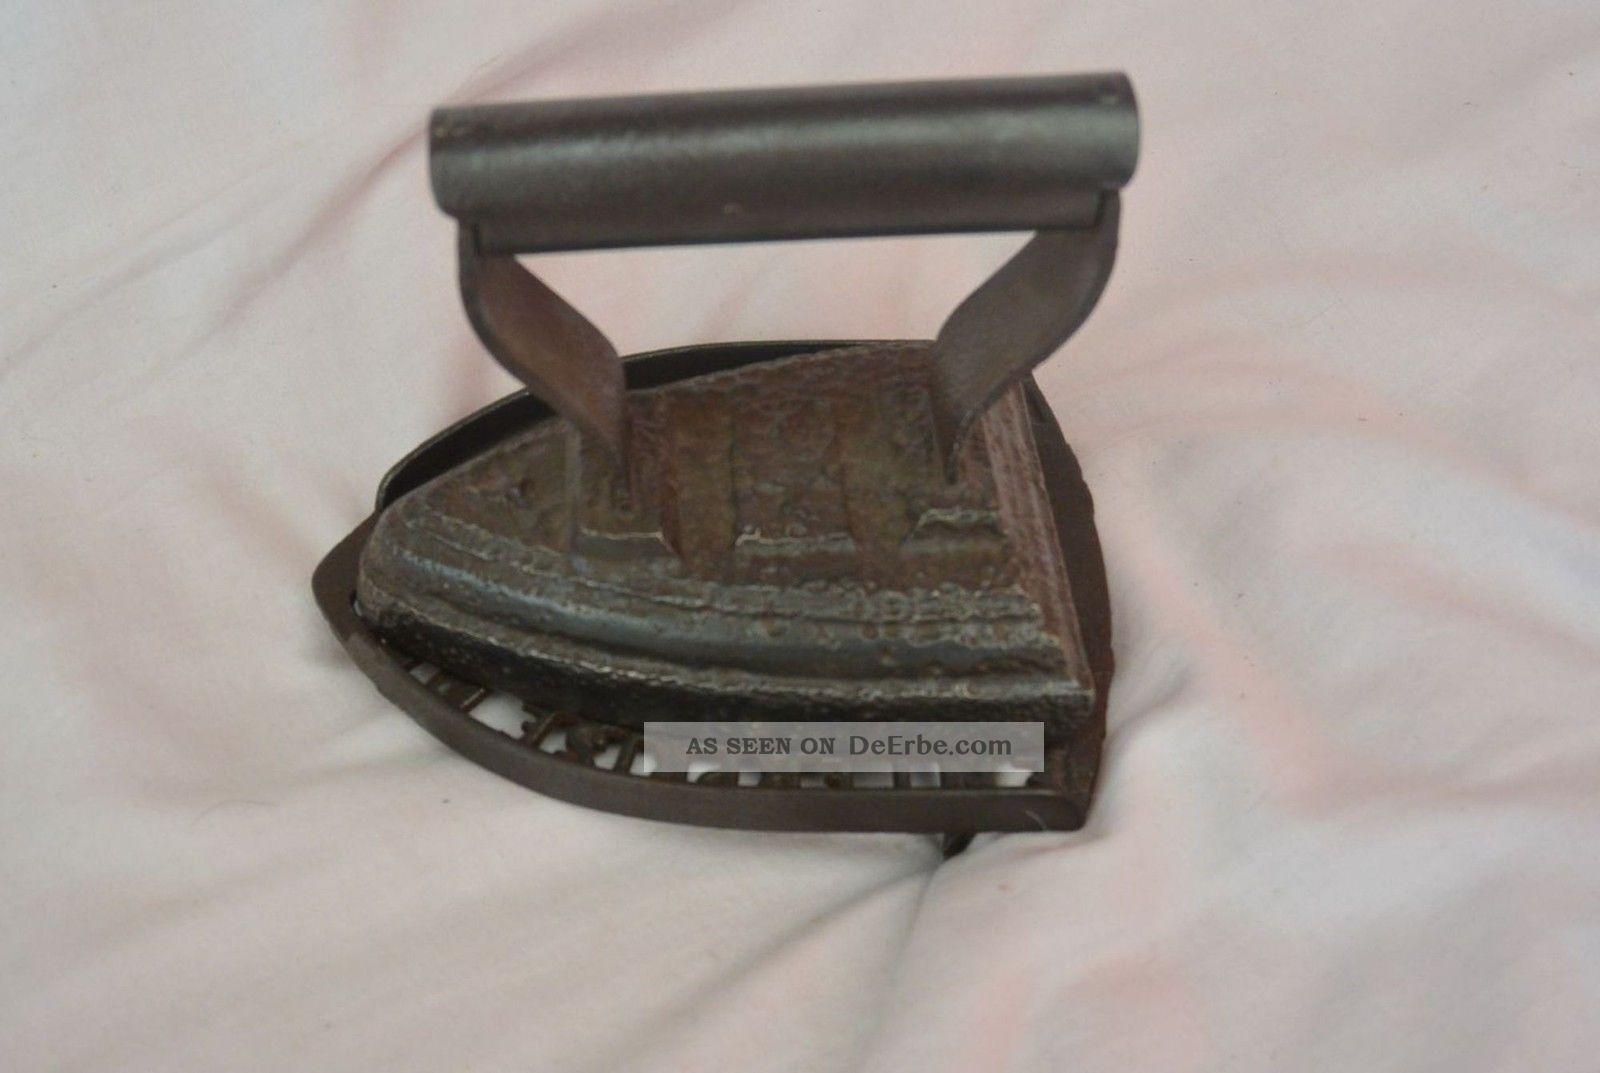 Antik Bügeleisen Gußeisern Antik Enterprise Untersetzer Mfc Co Philadelphia Haushalt Bild